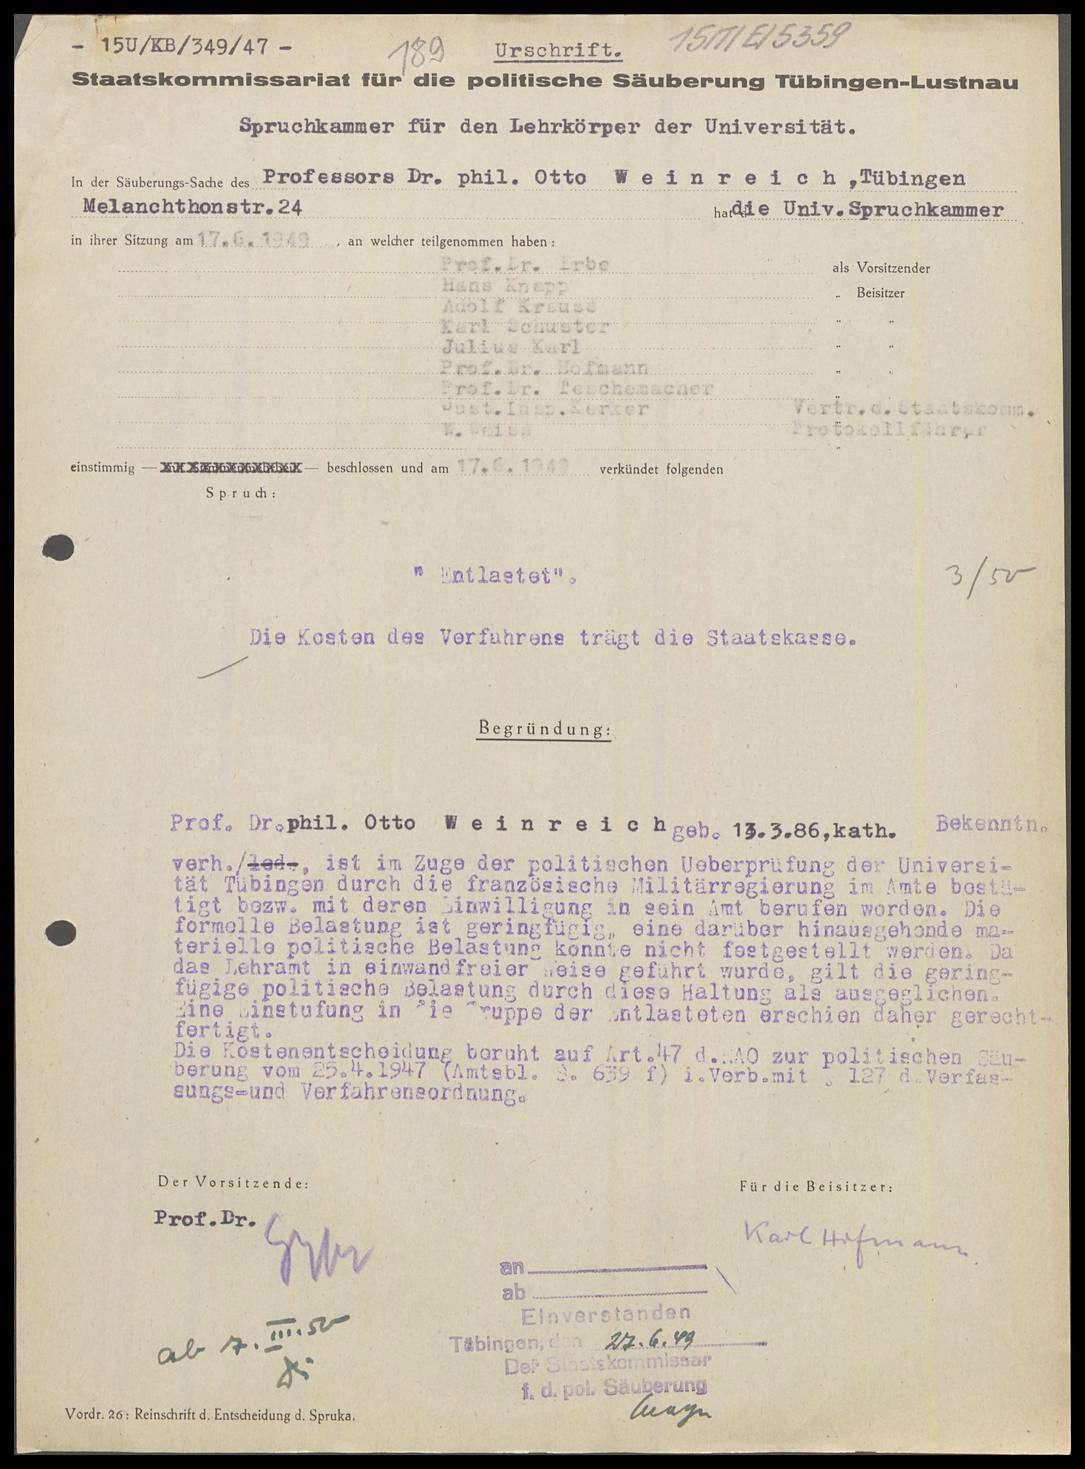 Weinreich, Otto, Prof. Dr. phil., Bild 1